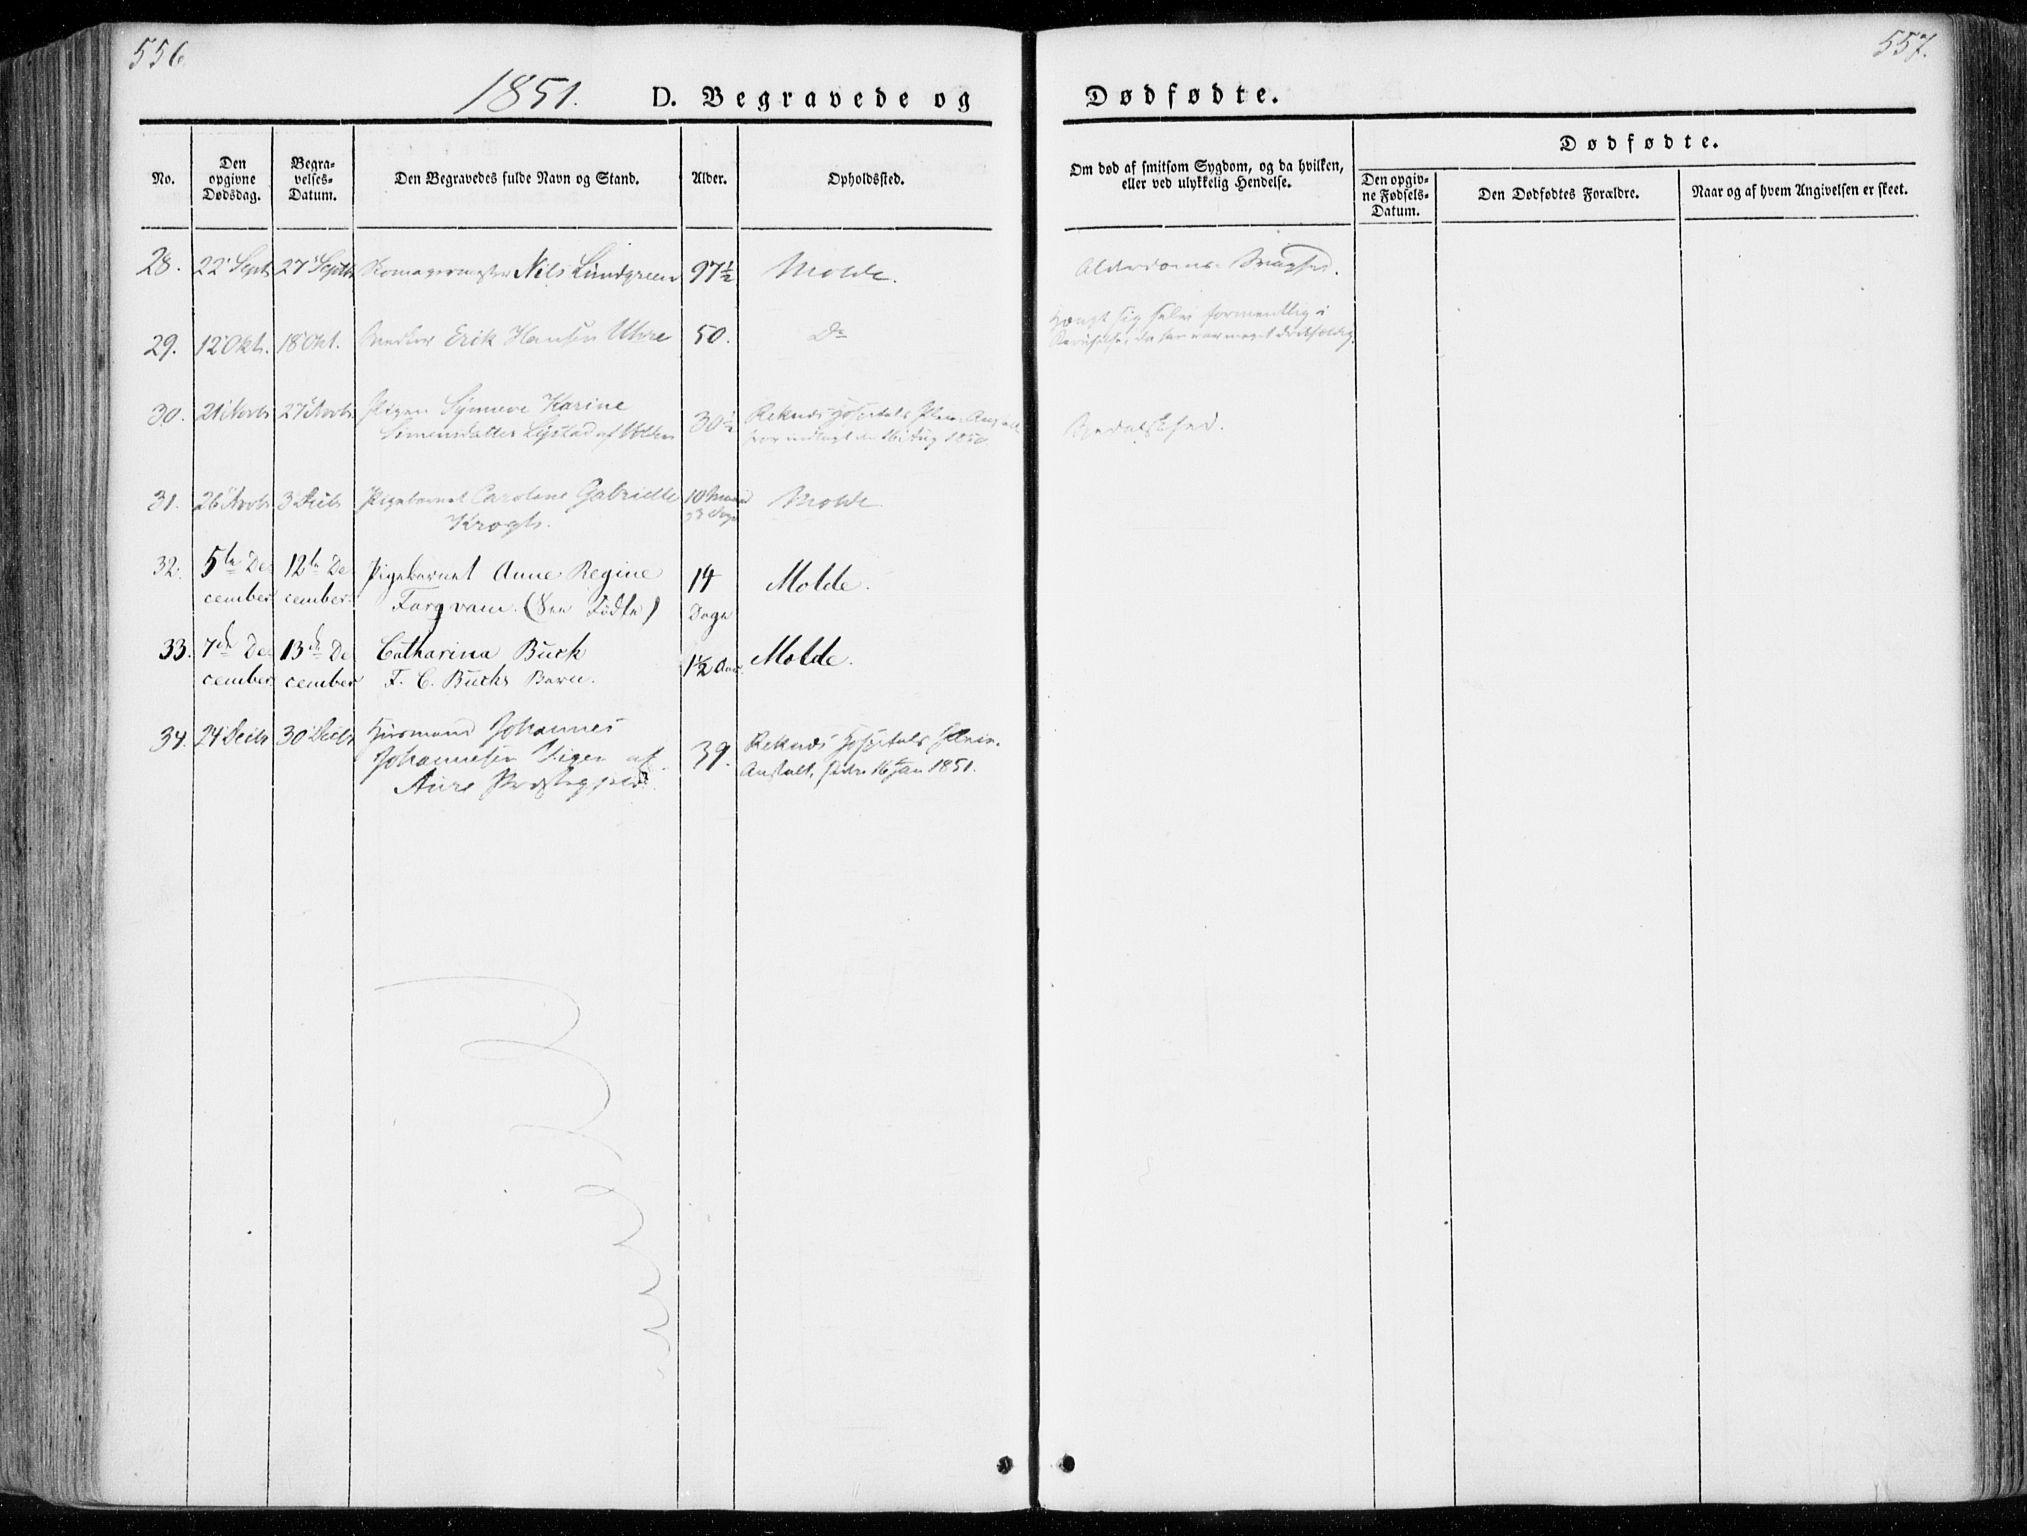 SAT, Ministerialprotokoller, klokkerbøker og fødselsregistre - Møre og Romsdal, 558/L0689: Ministerialbok nr. 558A03, 1843-1872, s. 556-557